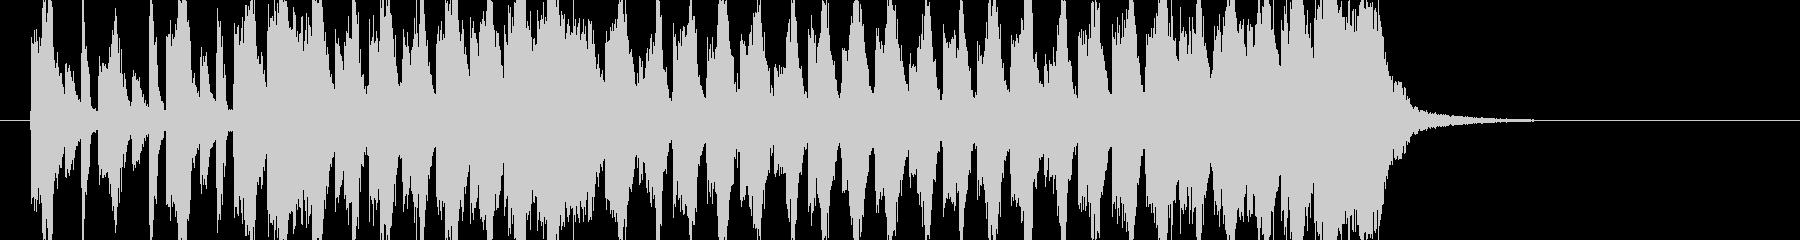 煽りEDM アイネクライネ ショート2の未再生の波形